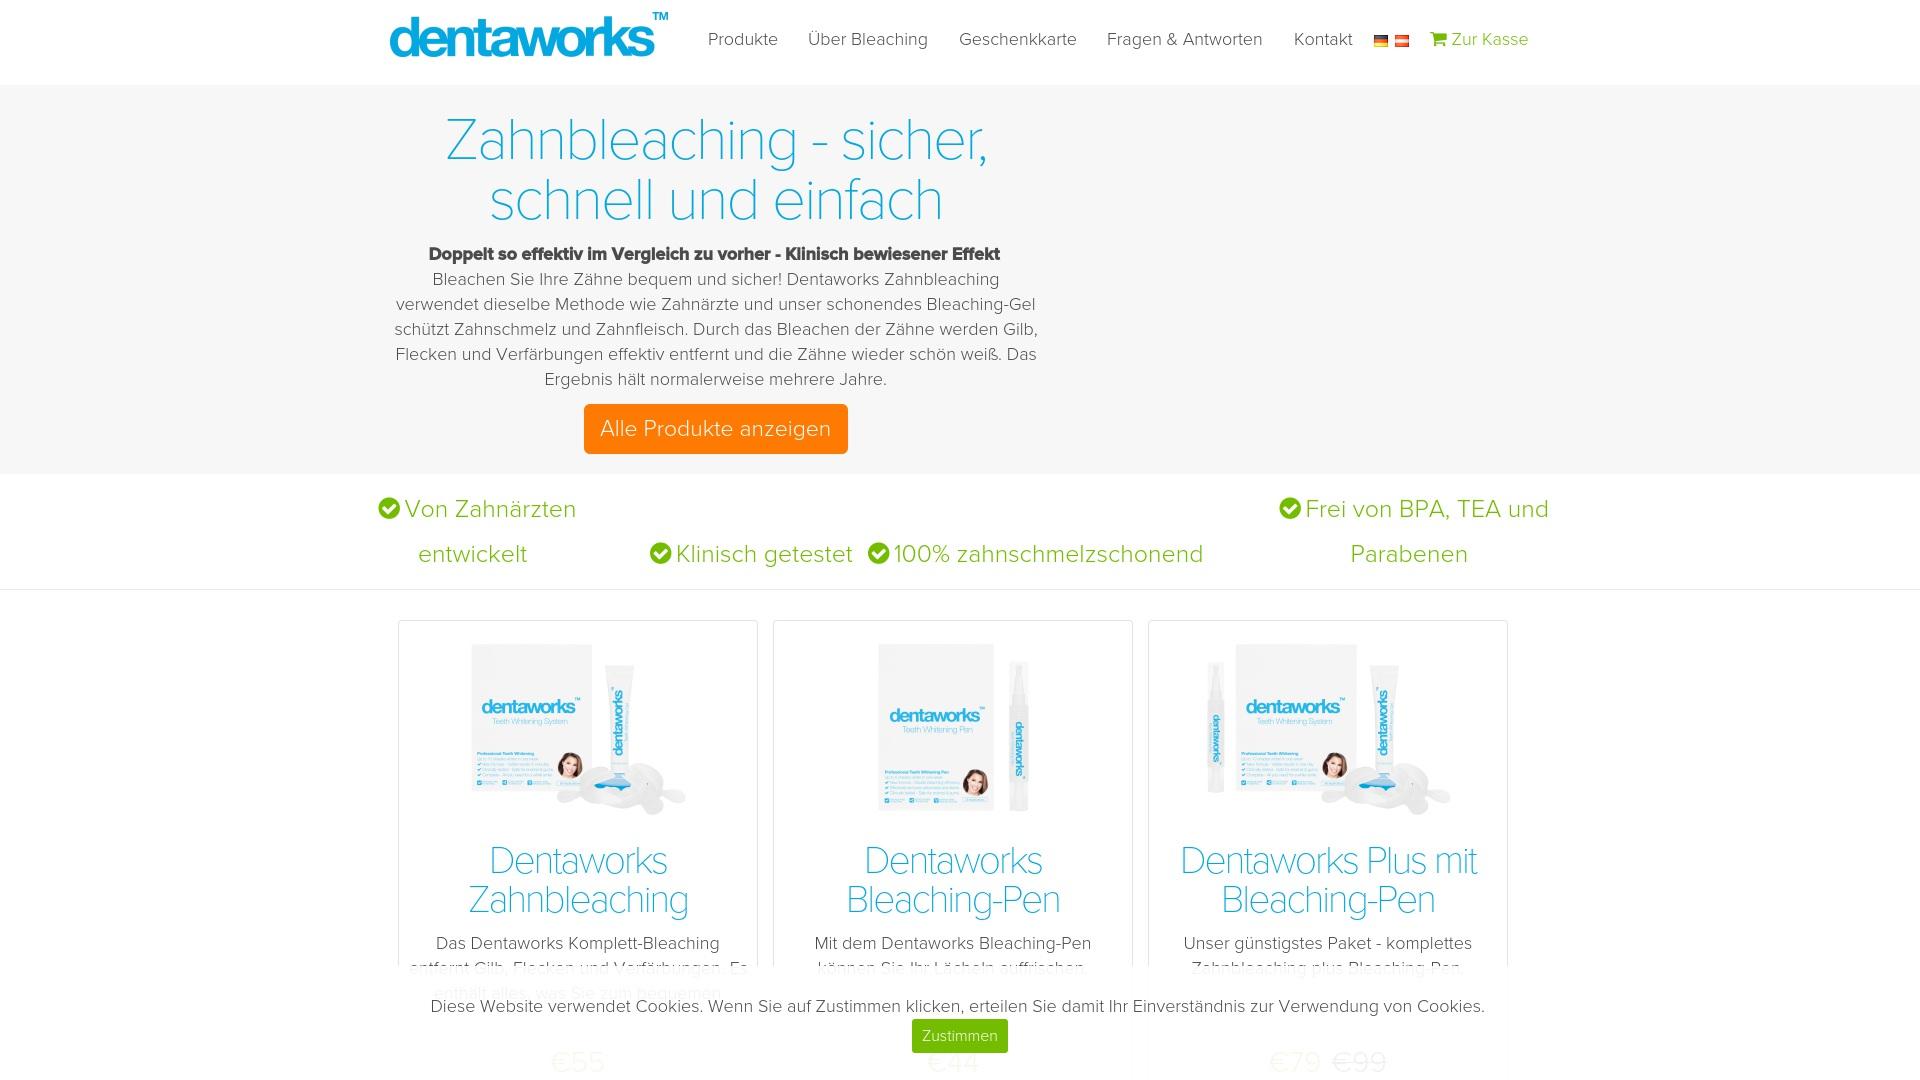 Gutschein für Dentaworks: Rabatte für  Dentaworks sichern